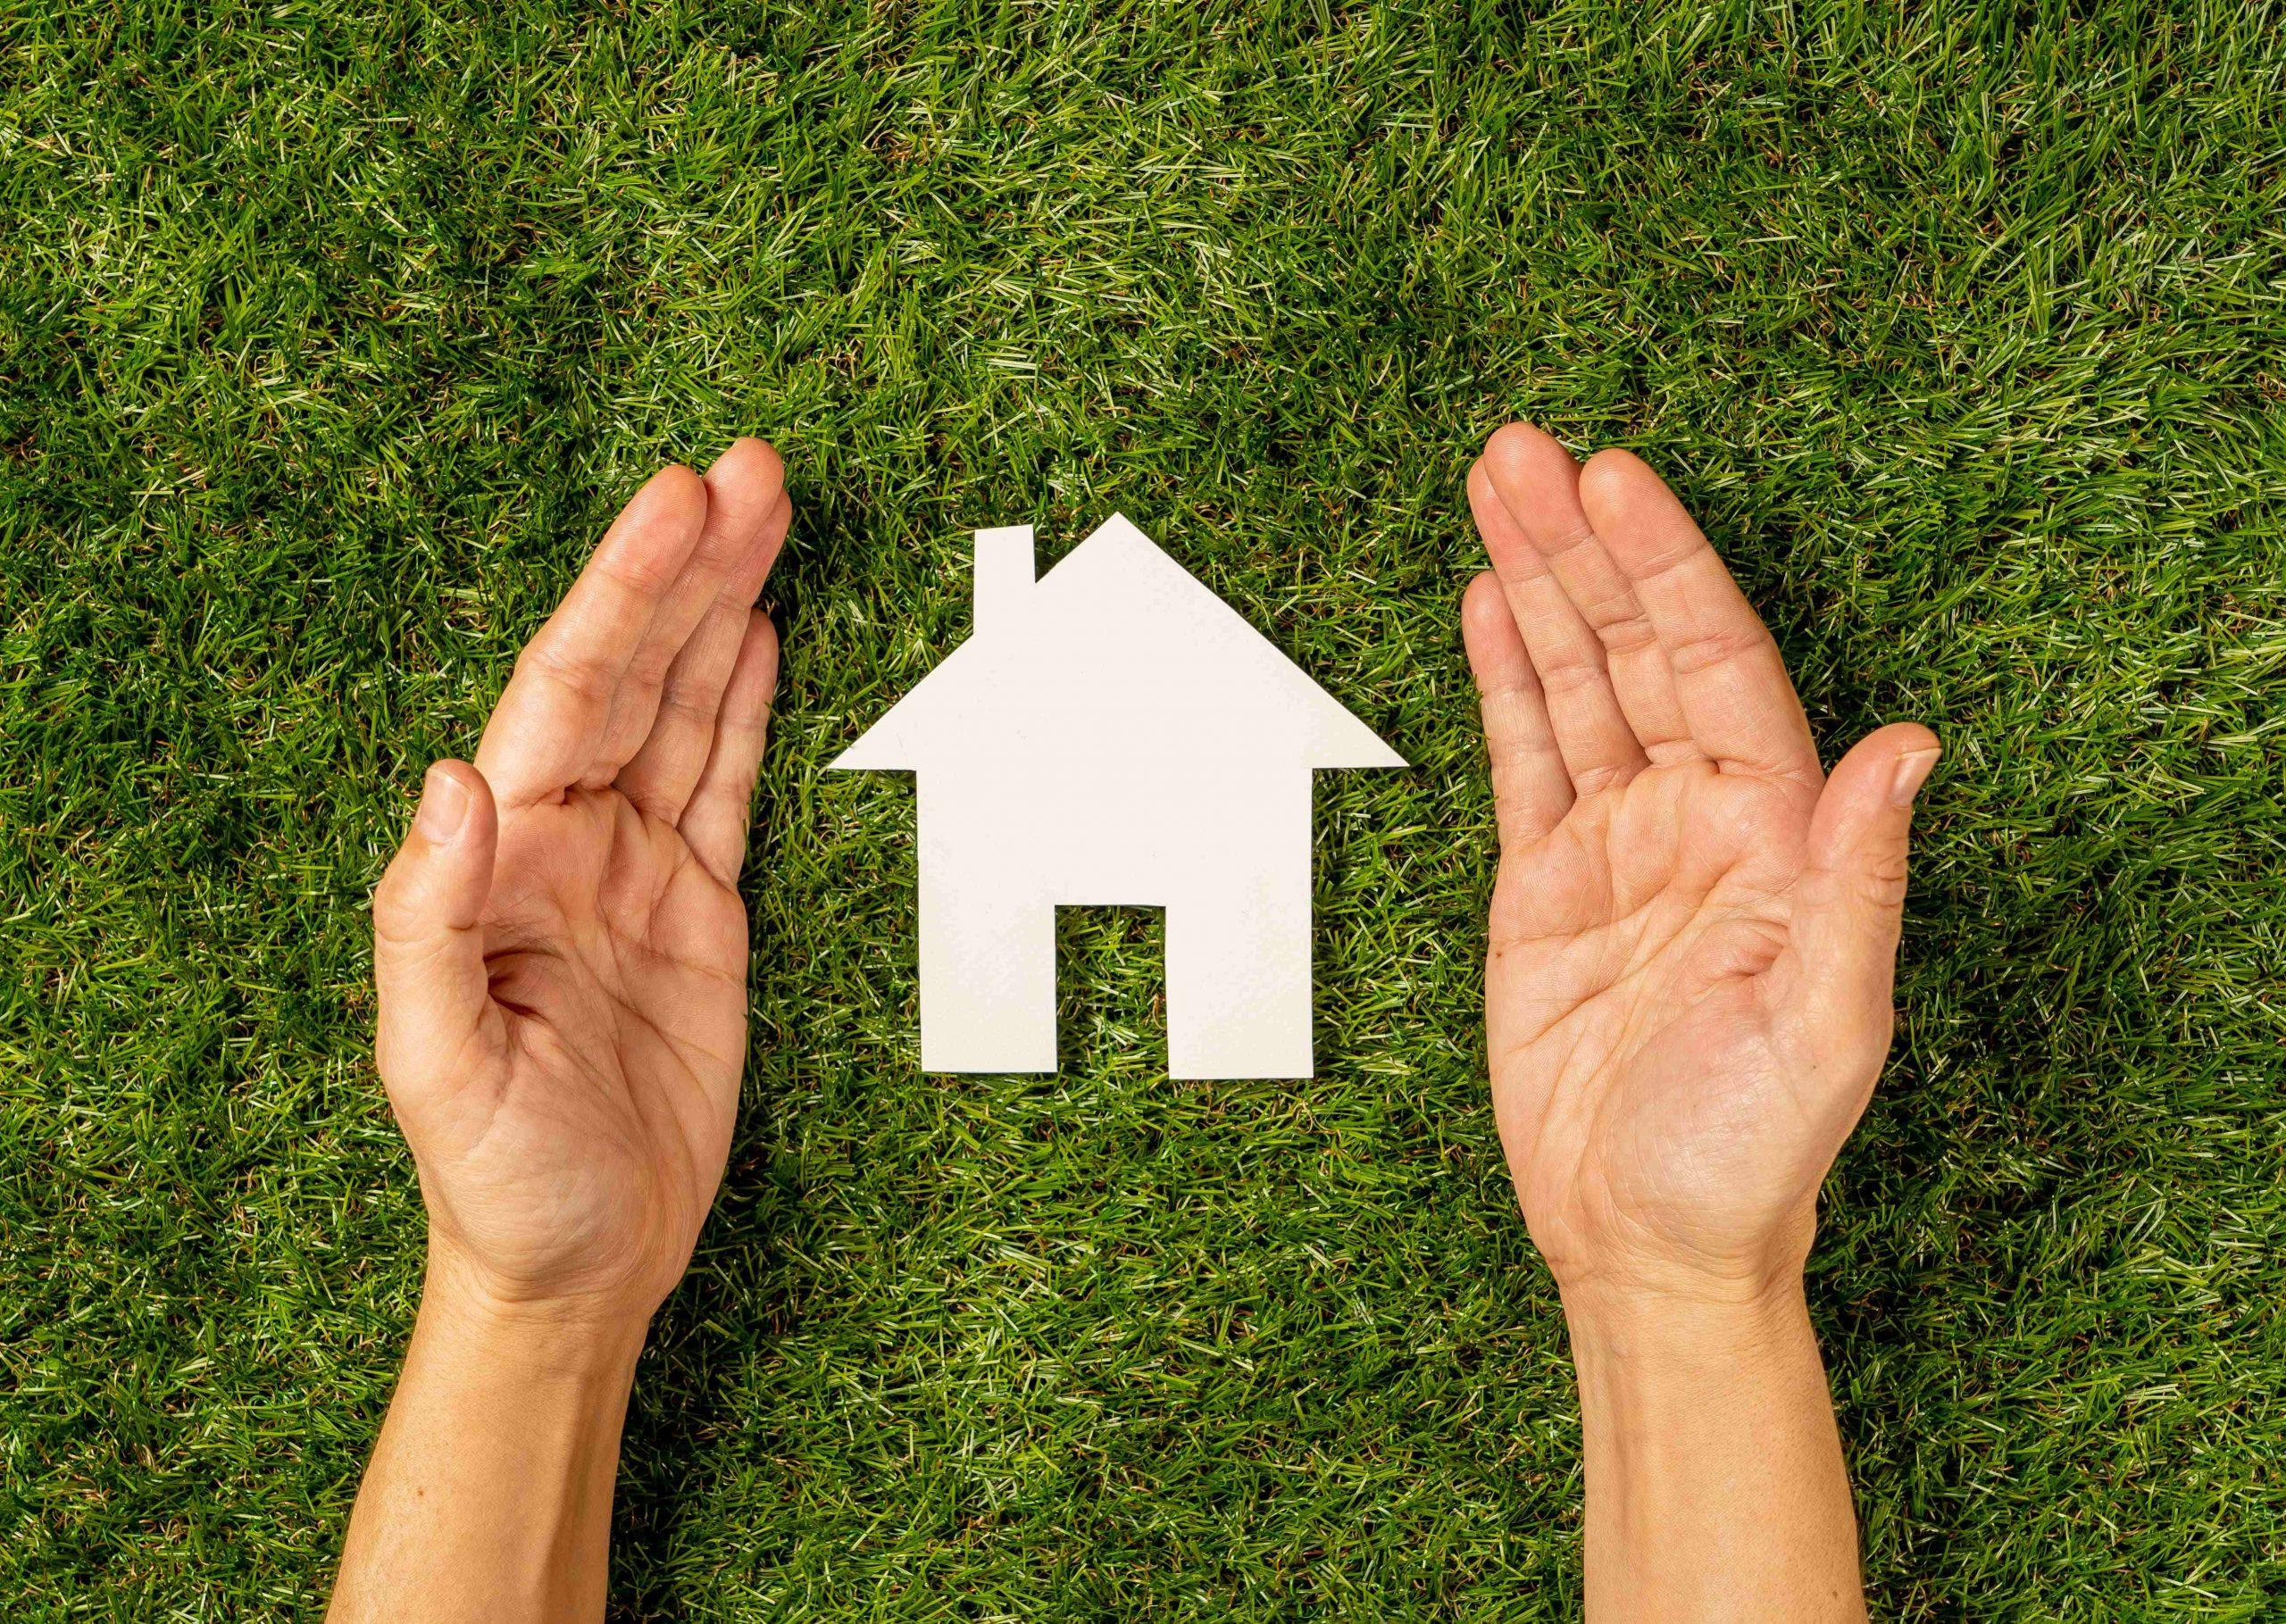 Compra tu terreno y construye una casa con alta plusvalía.